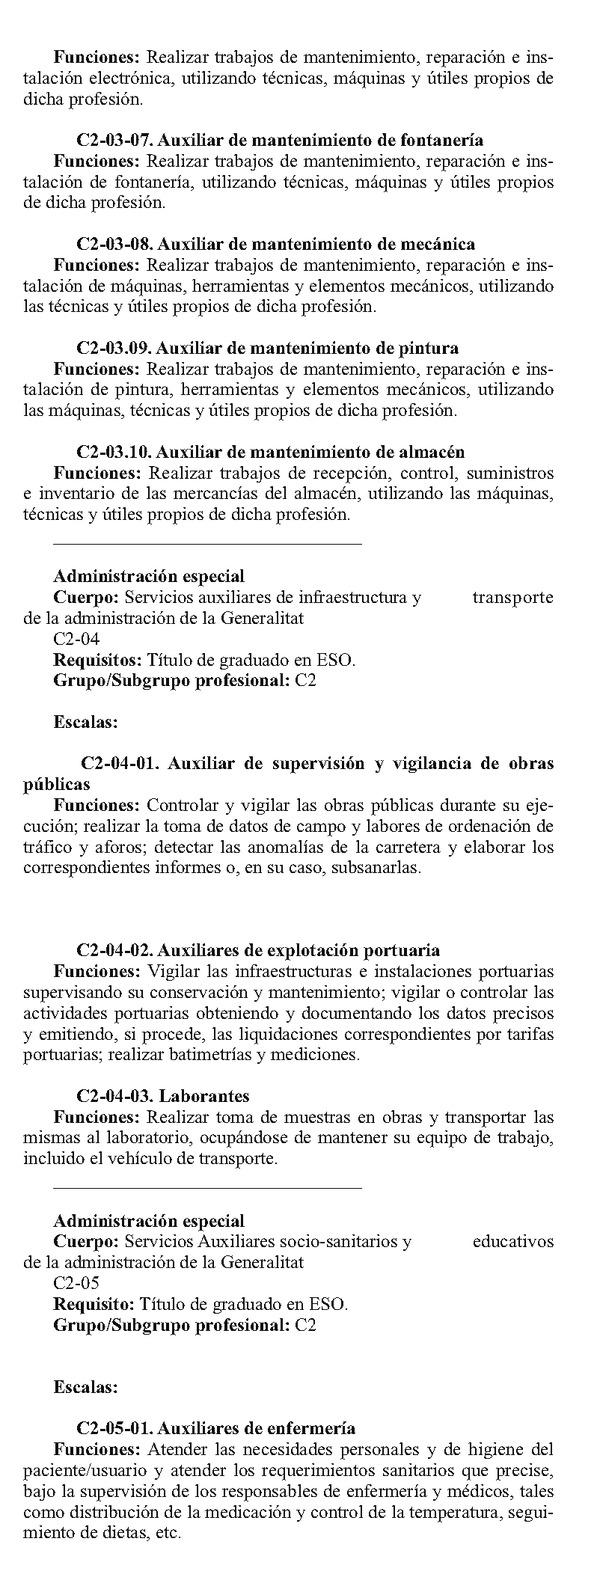 ley de la funcion publica de la generalitat: